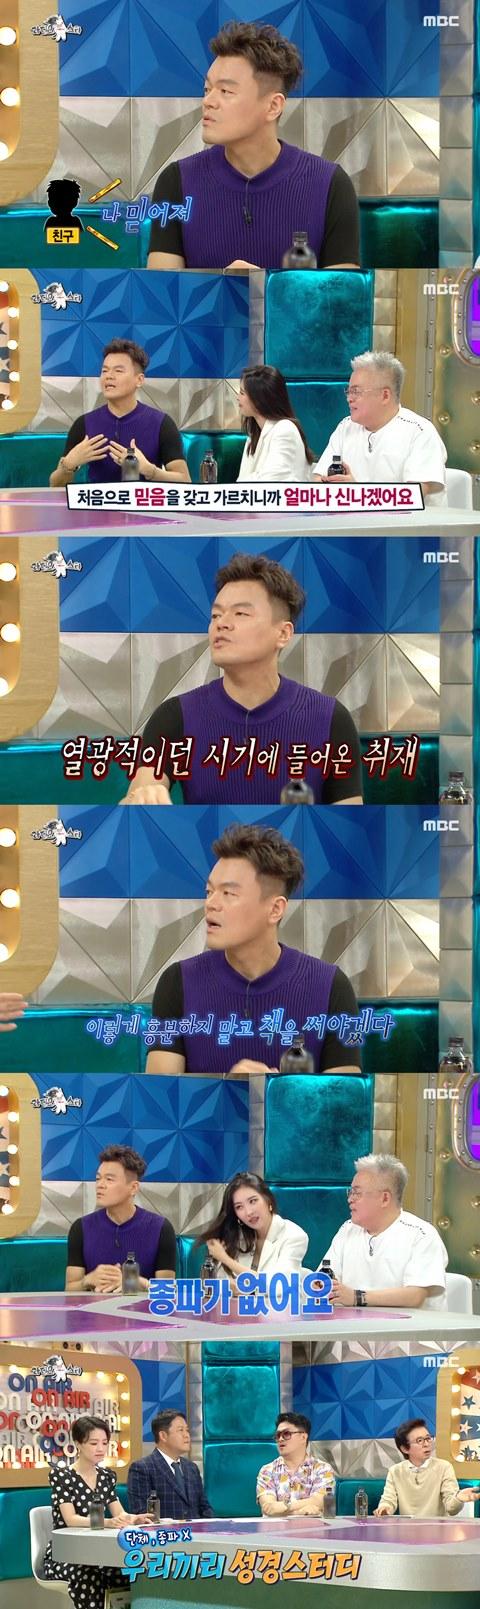 """박진영, 구원파 의혹 해명...""""관련 없어, 종파도 없다"""""""